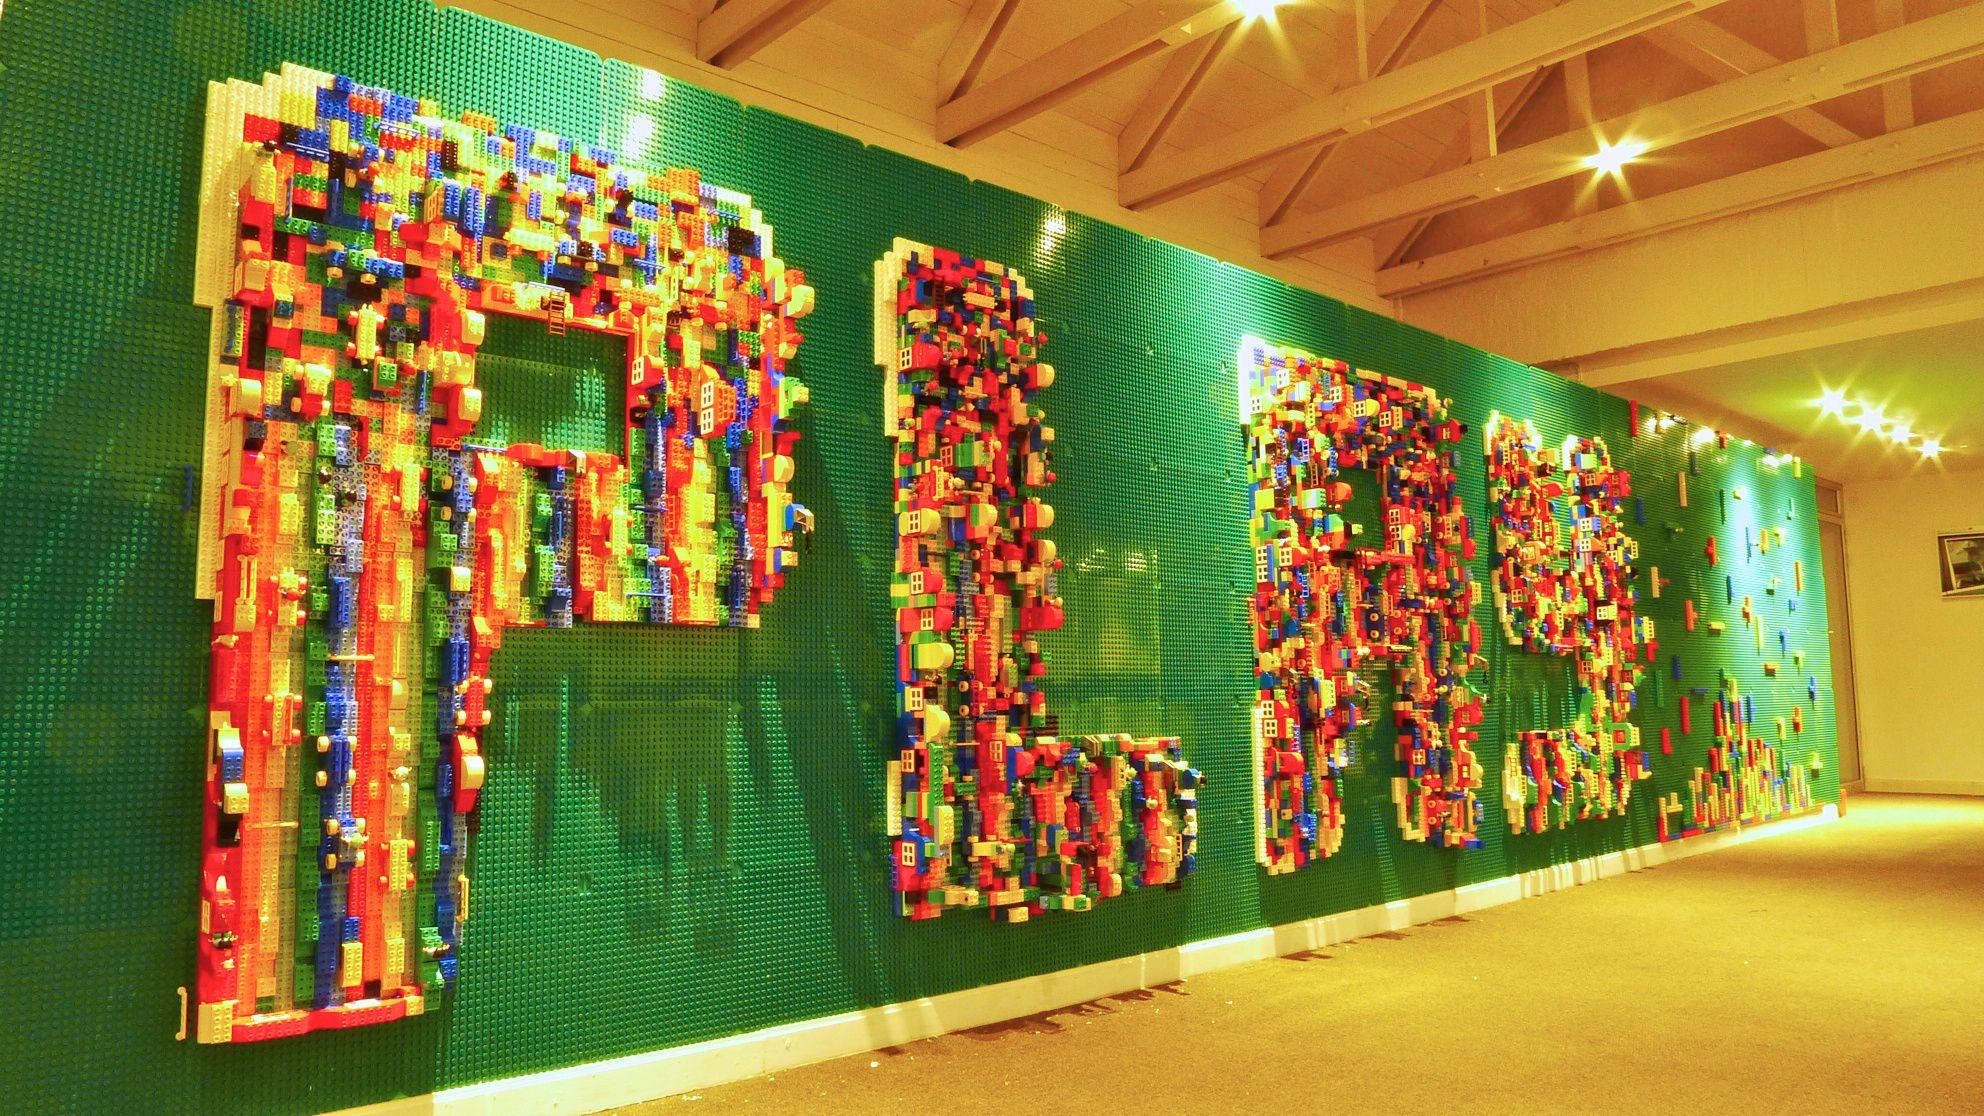 Office Artwork Ideas lego wall in office - google search | office art ideas | pinterest